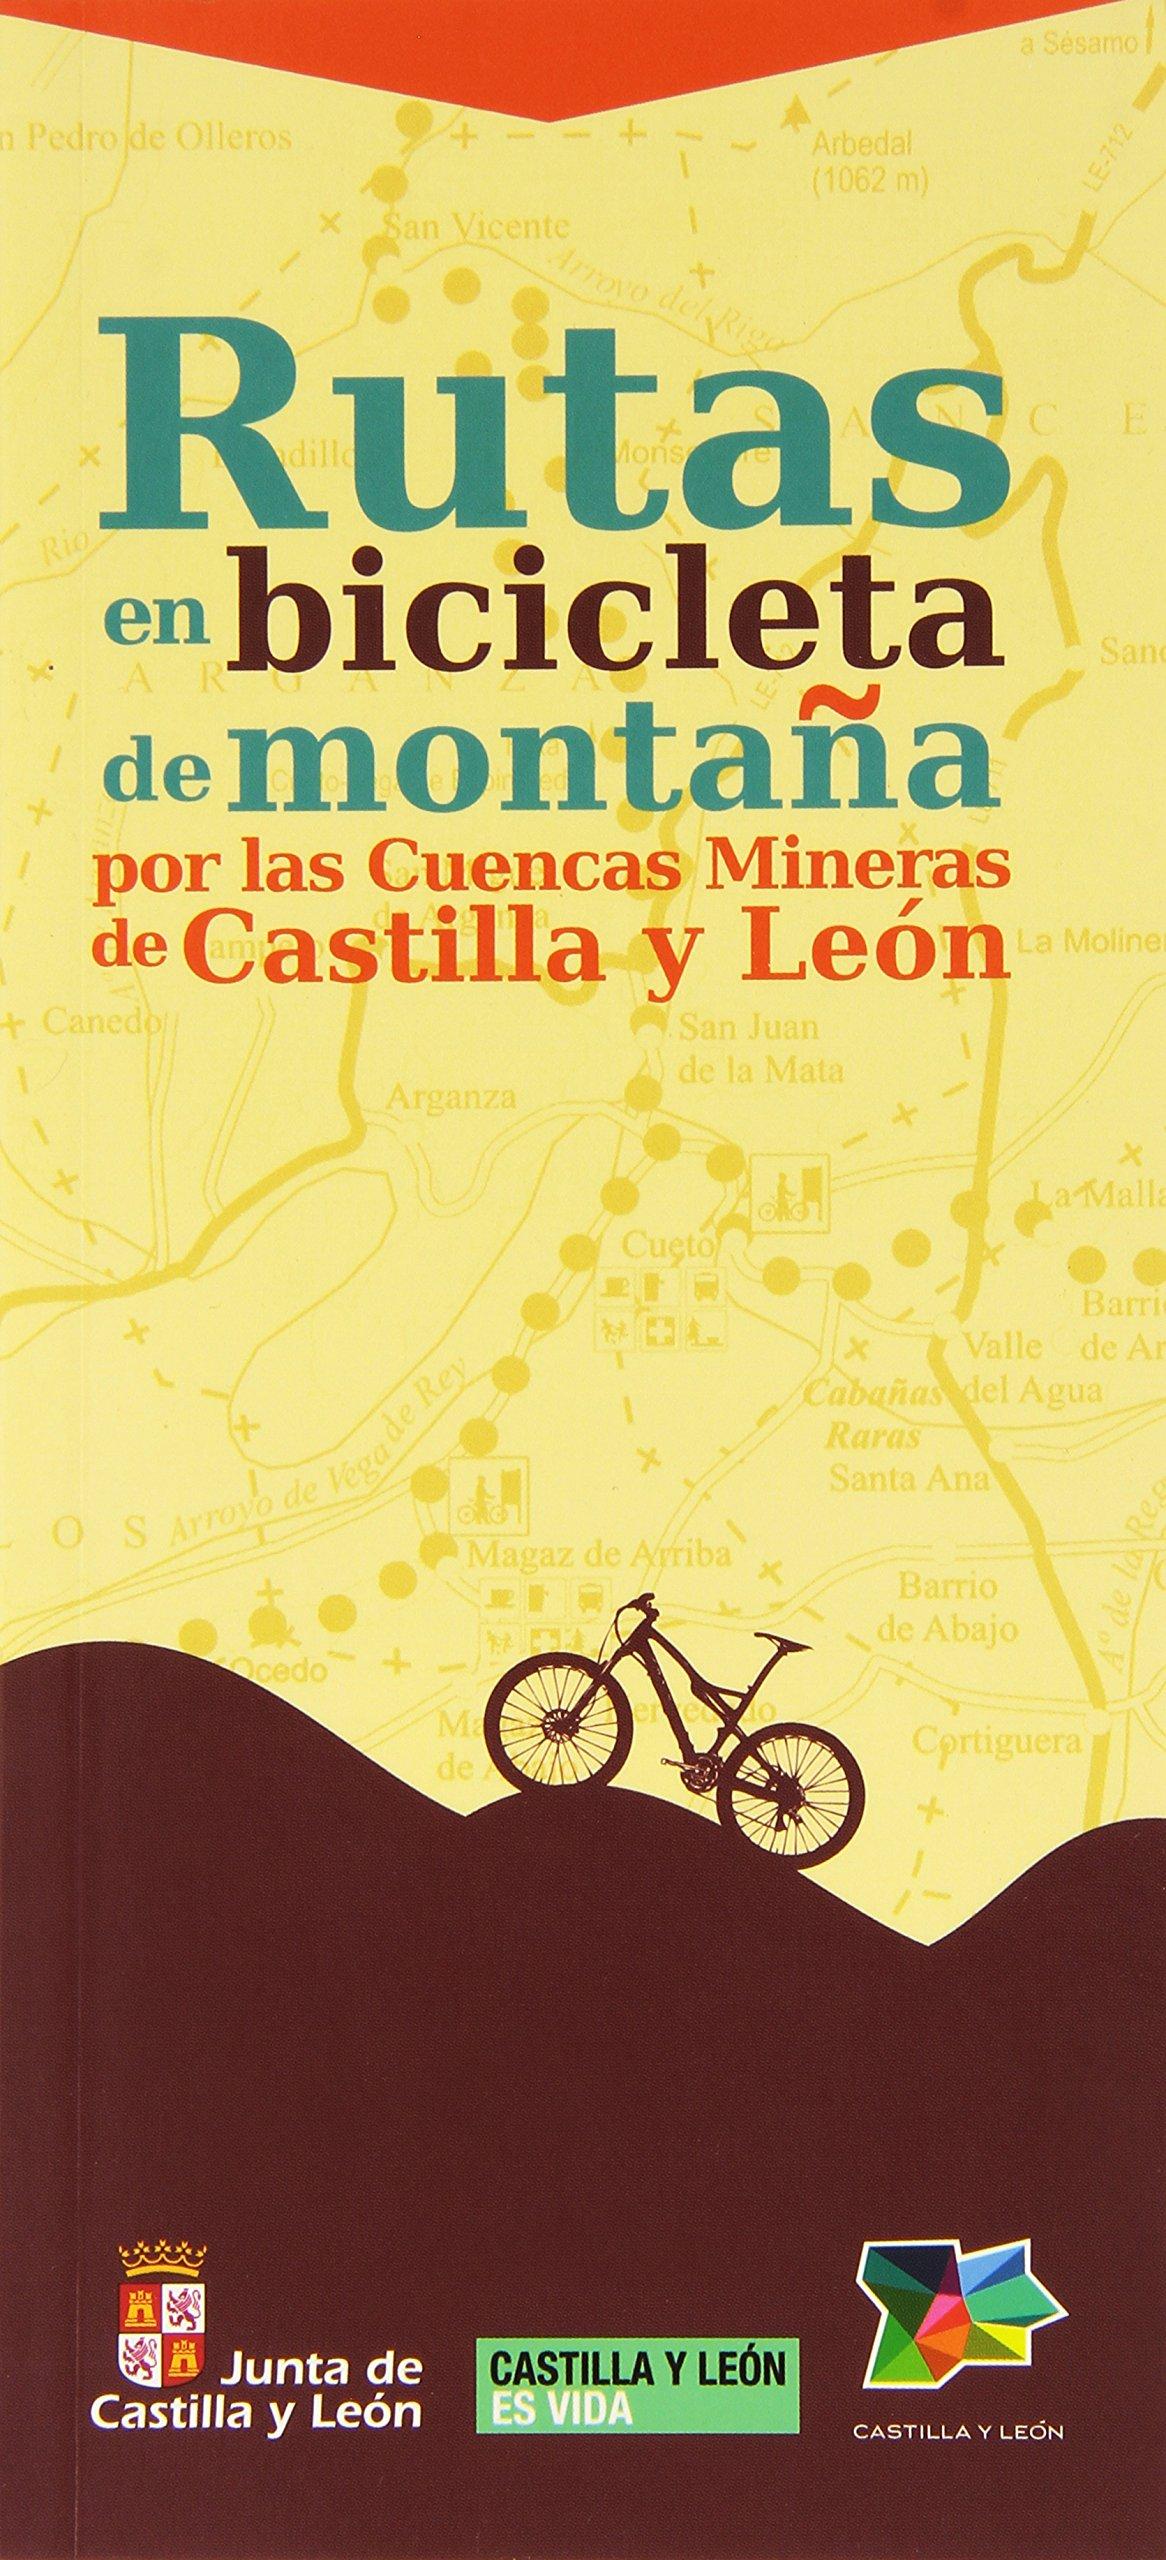 Rutas en bicicleta de montaña por las Cuencas Mineras de Castilla y León: Amazon.es: Varios autores: Libros